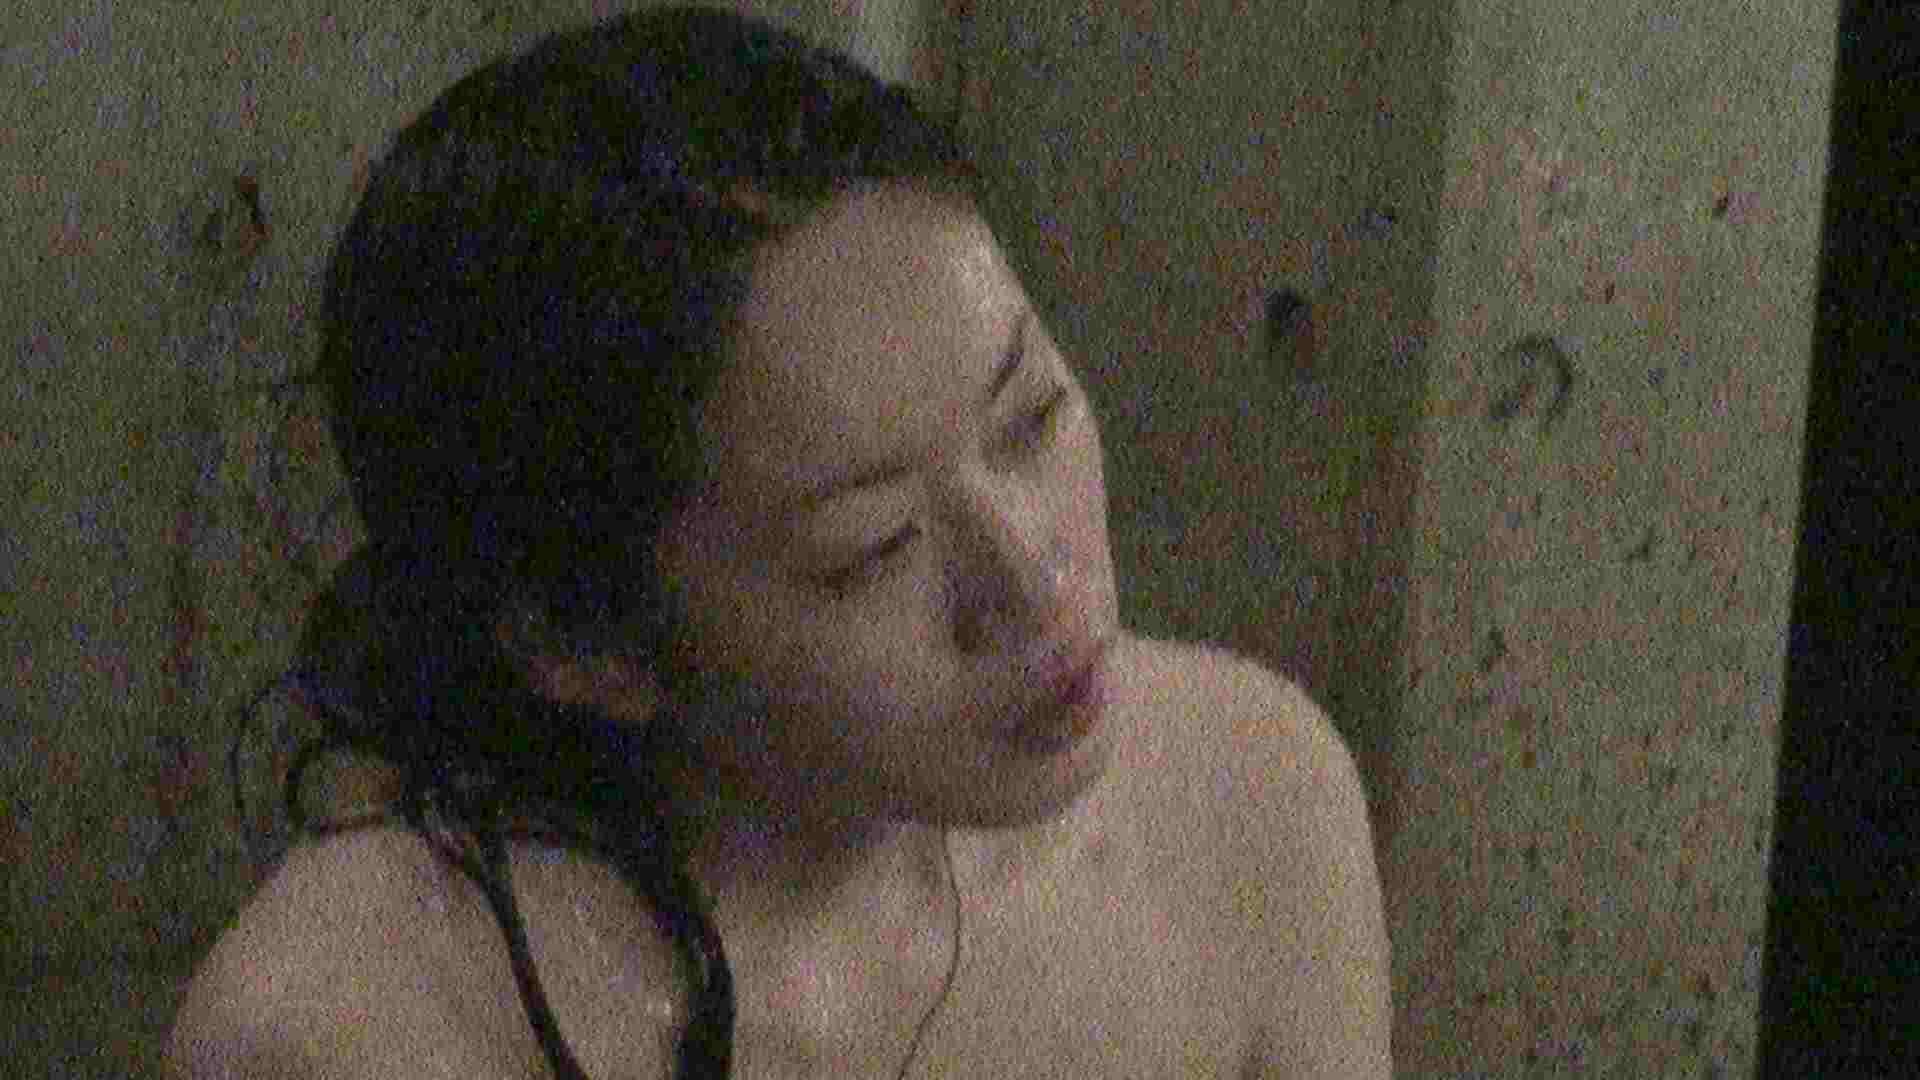 Aquaな露天風呂Vol.317 盗撮   OLのエロ生活  105連発 76